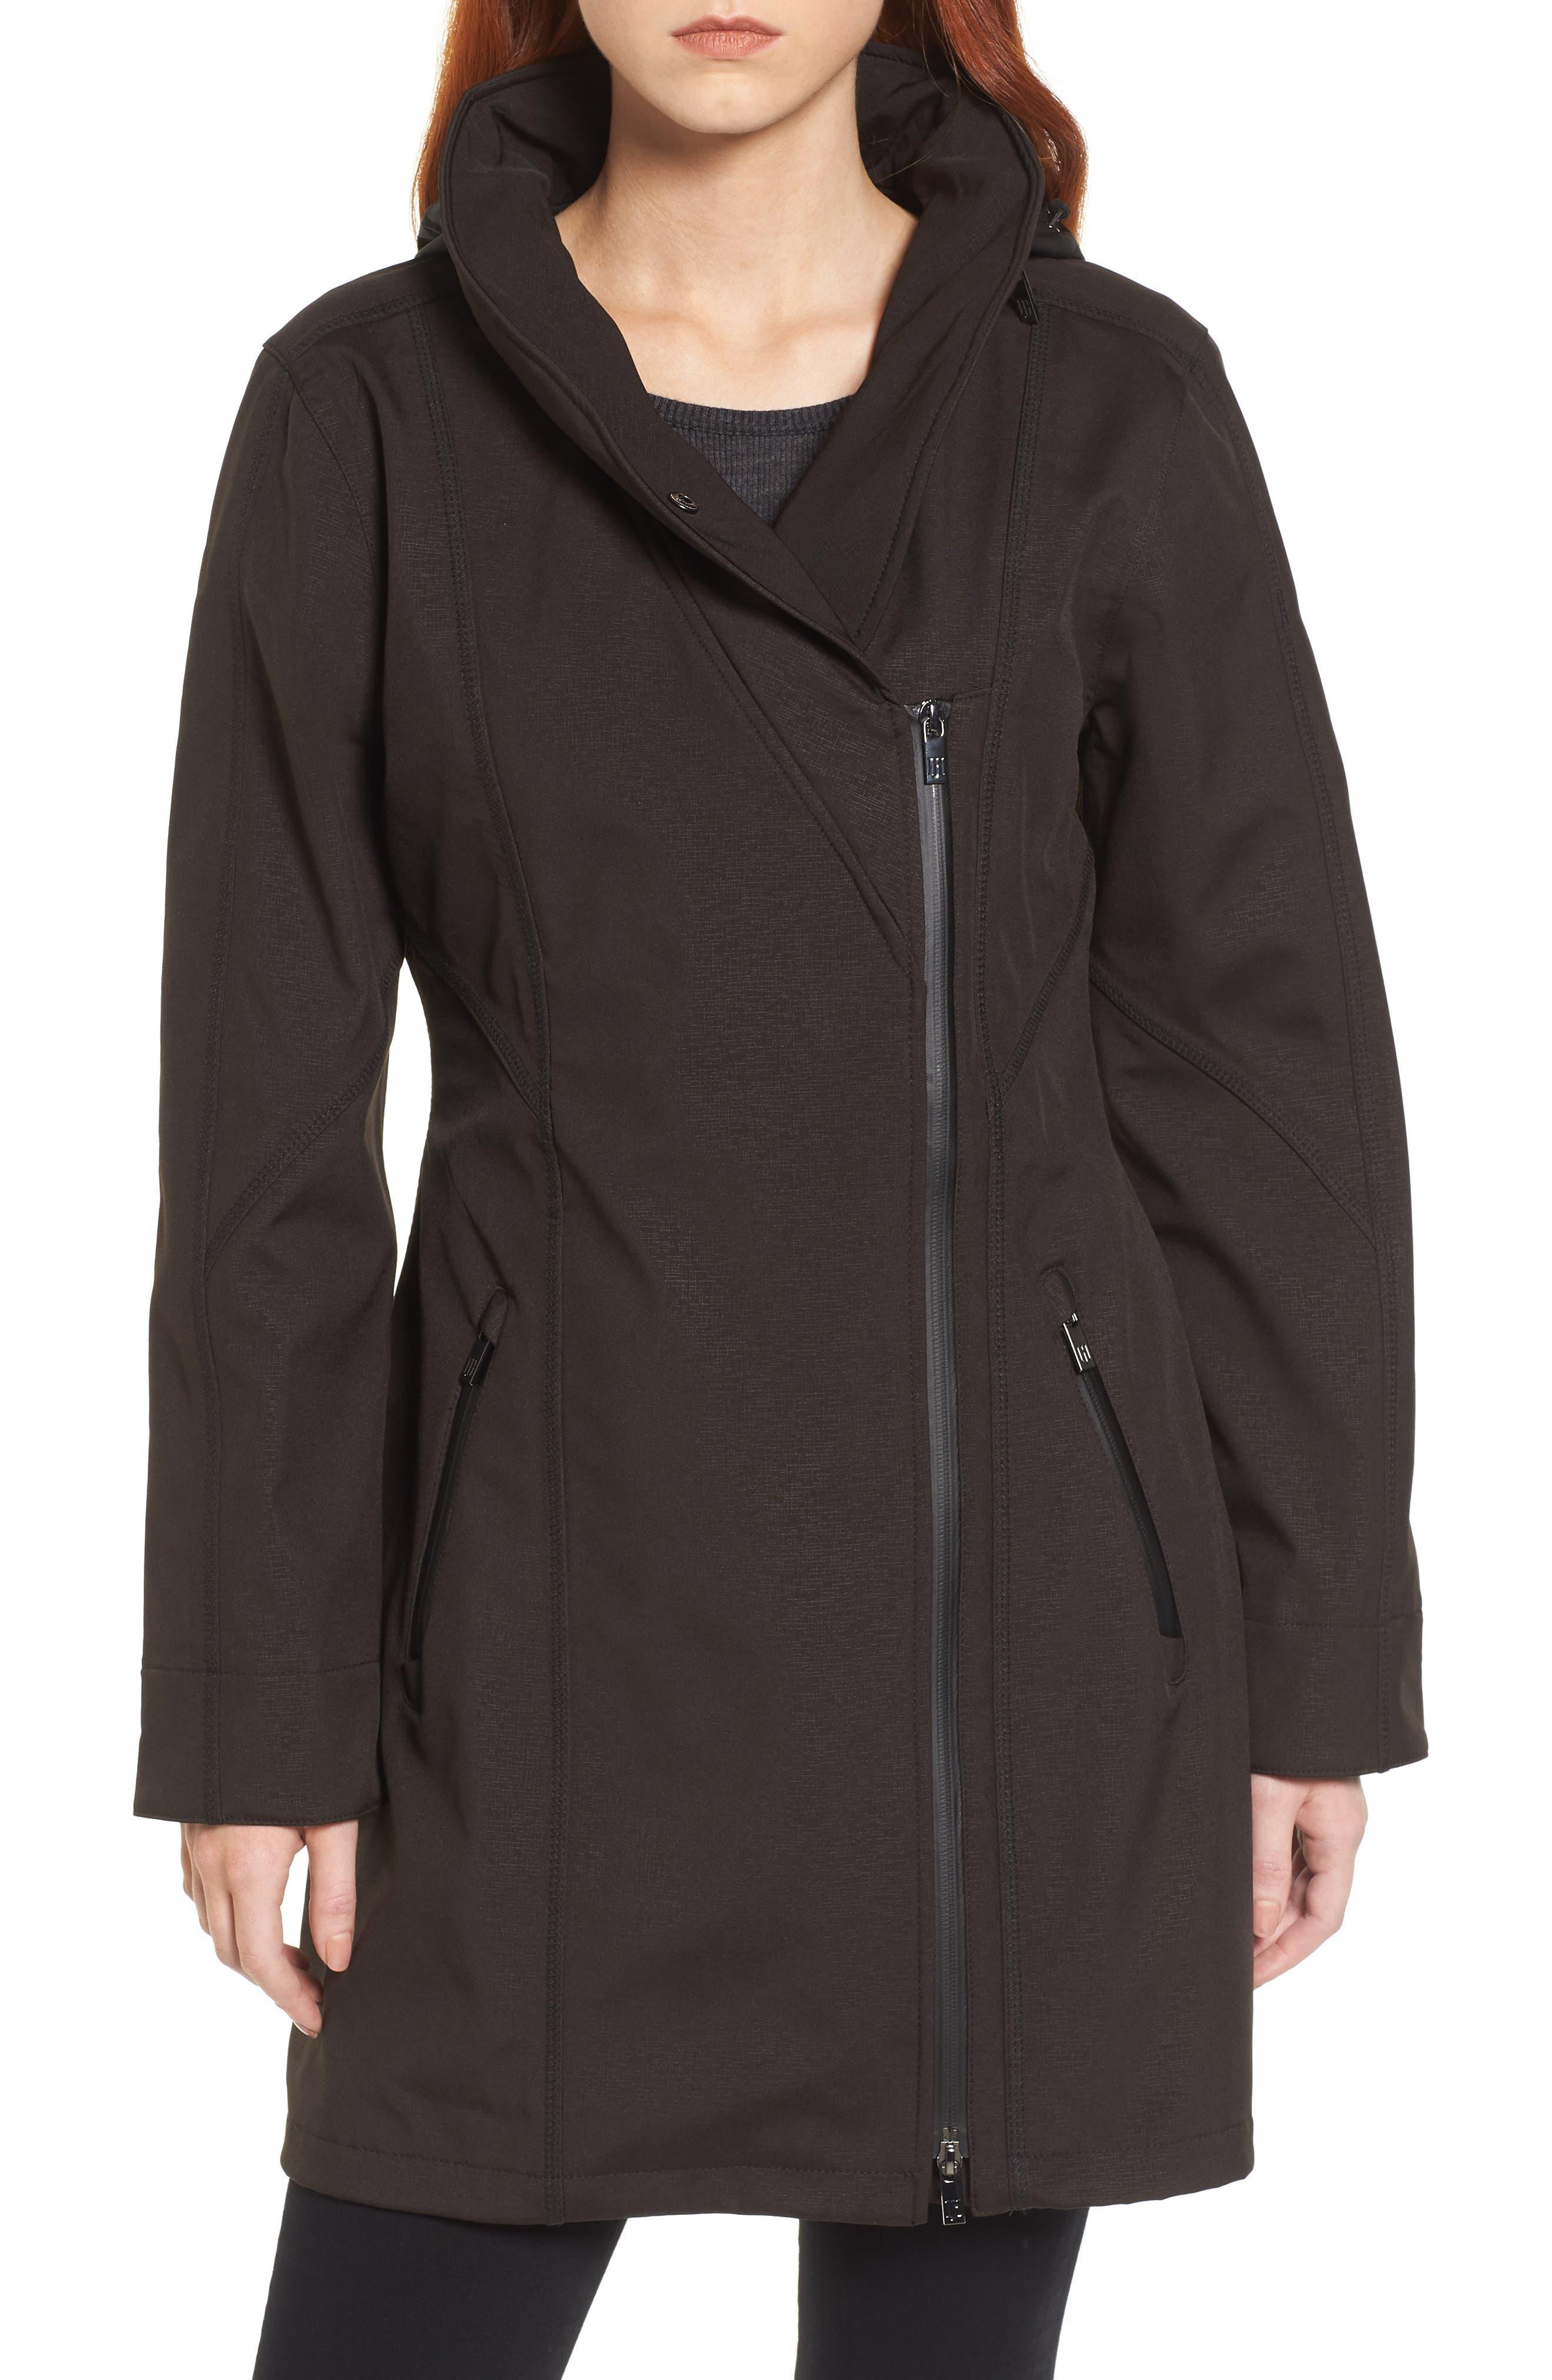 Hornbaek Soft Shell Raincoat,                         Main,                         color, 001